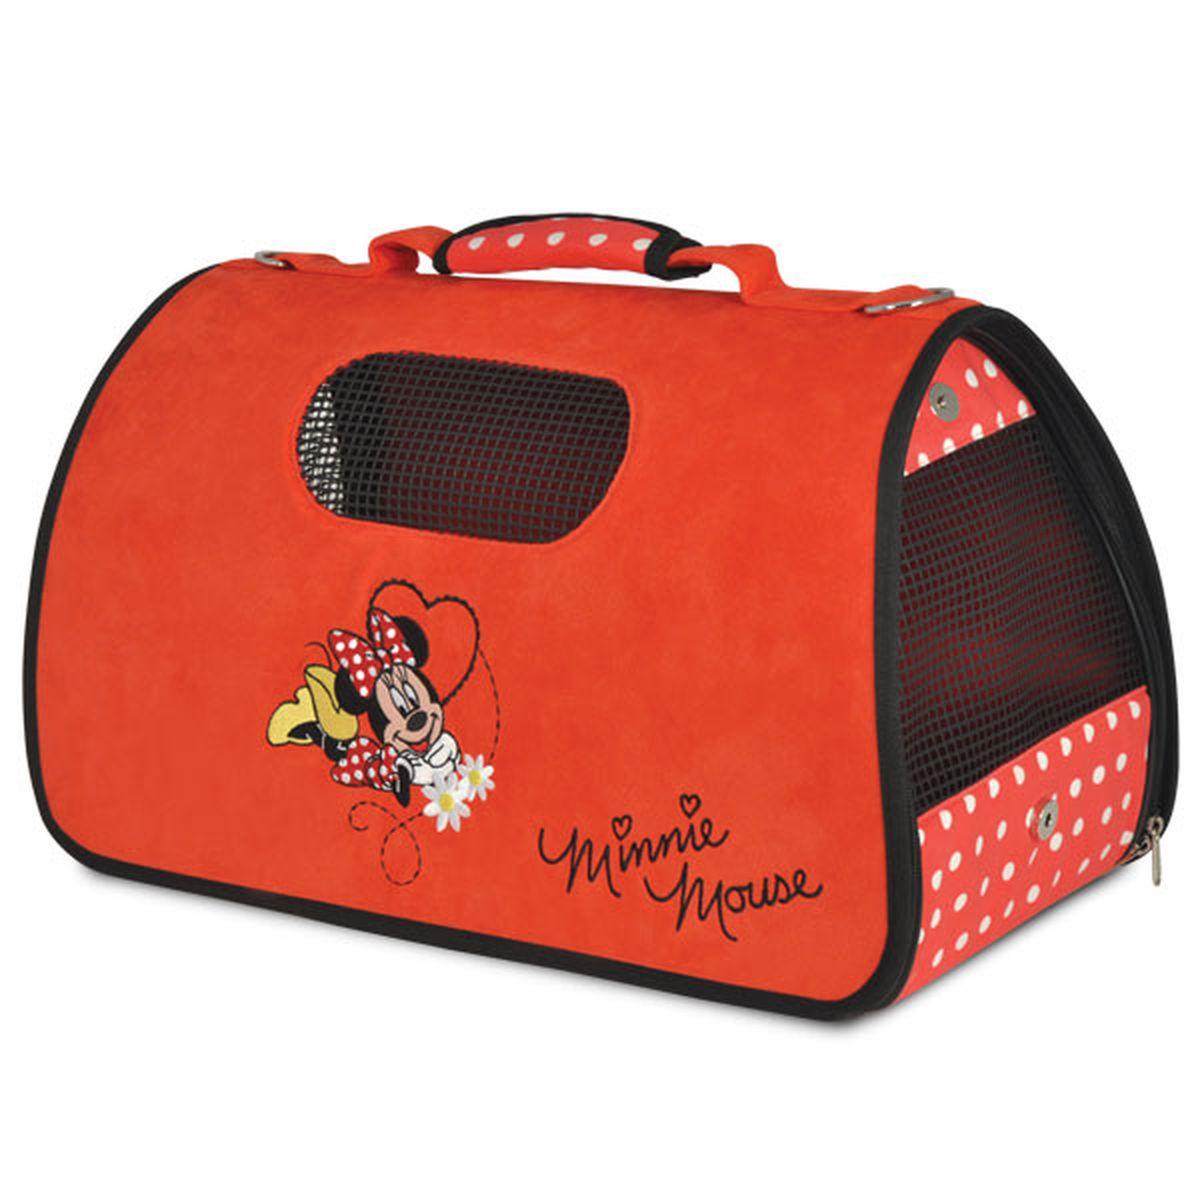 Сумка-переноска Triol Disney Minnie, 50 х 28 х 29 см101246Складная, удобная в использовании сумка-переноска из мягкого велюра с изображением известного персонажа DISNEY Minnie. Сумка отлично держит форму. Открывается при помощи молнии с двух сторон. Пластиковые ножки на дне сумки позволяют ставить ее на любую поверхность, не пачкая дно. Вентиляционные окна прорезинены, располагаются сбоку и сверху, обеспечивают достаточное количество воздуха для питомца. Один из боков сумки можно сделать открытым для головы Вашего питомца. При этом в целях безопасности используйте поводок-фиксатор (идет в комплекте с сумкой). К сумке также прилагается ремень с тканевым бегунком, чтобы носить её на плече. Сумка поставляется в полипропиленовом пакете на молнии с веревочными ручками, что очень удобно для хранения.